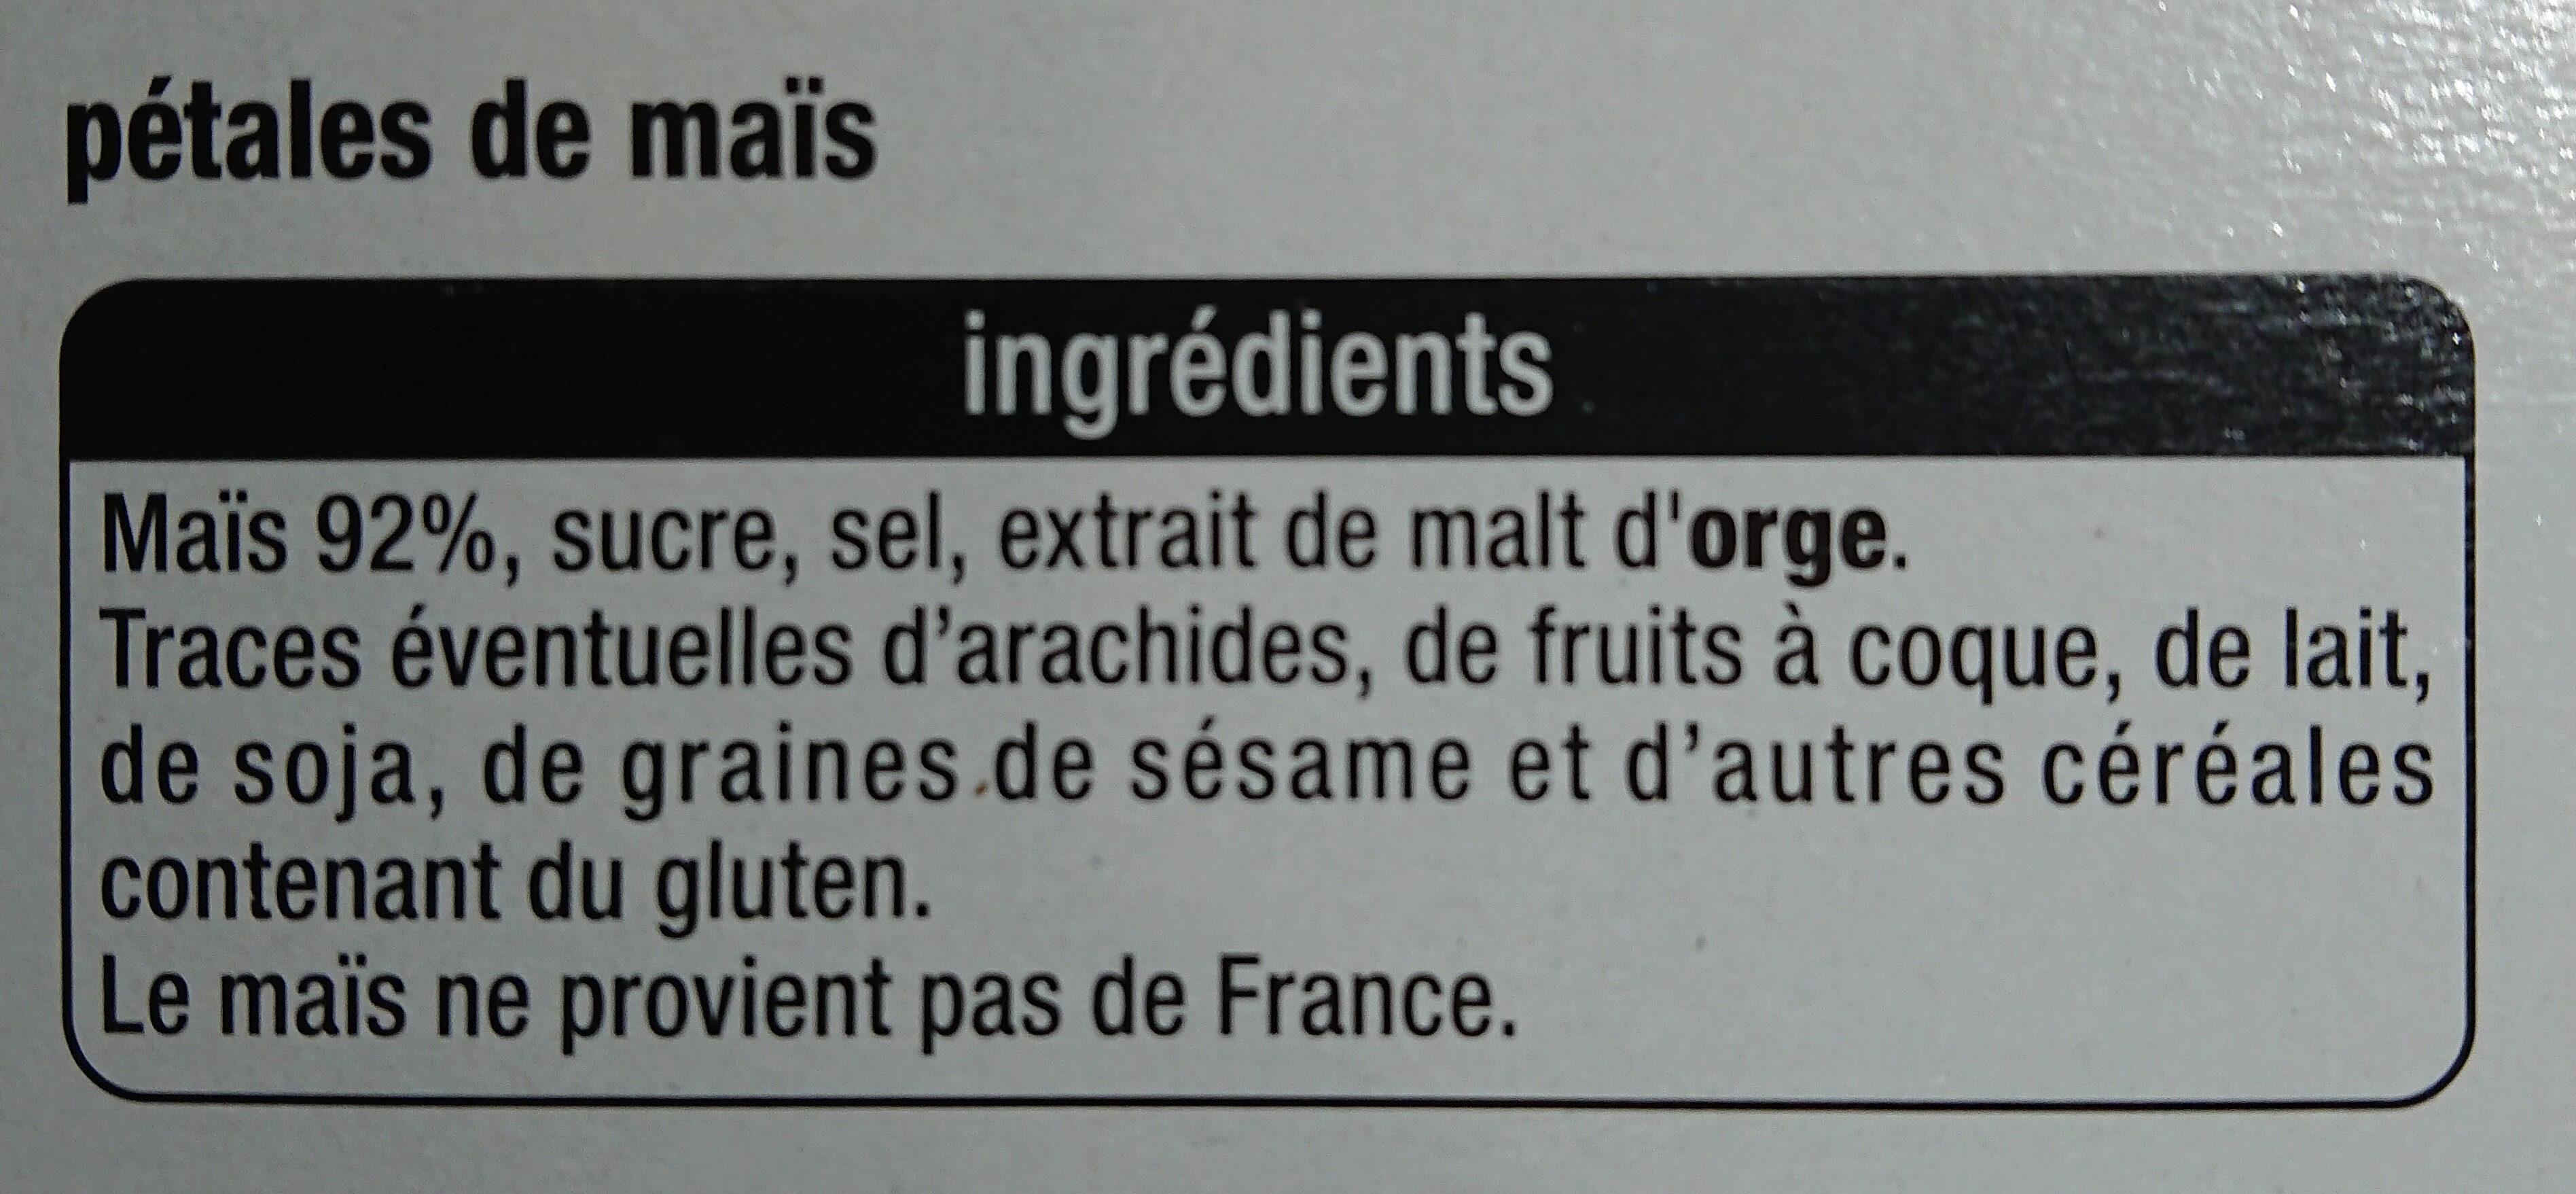 Pétales de mais Corn flakes - Ingrédients - fr